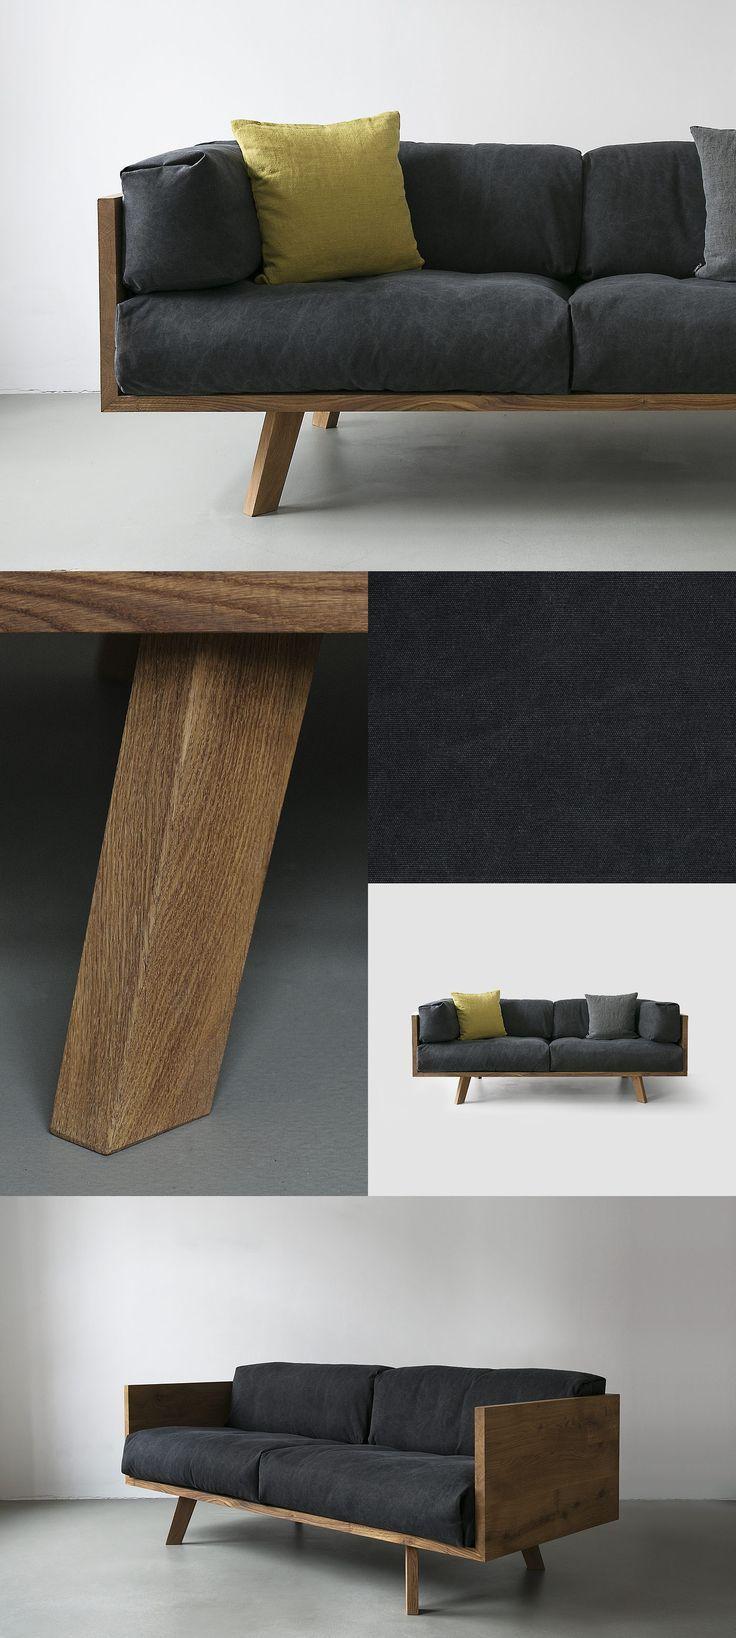 Diy Home : diy furniture I möbel selber bauen I couch sofa daybed I inspiration I NUTSANDW…